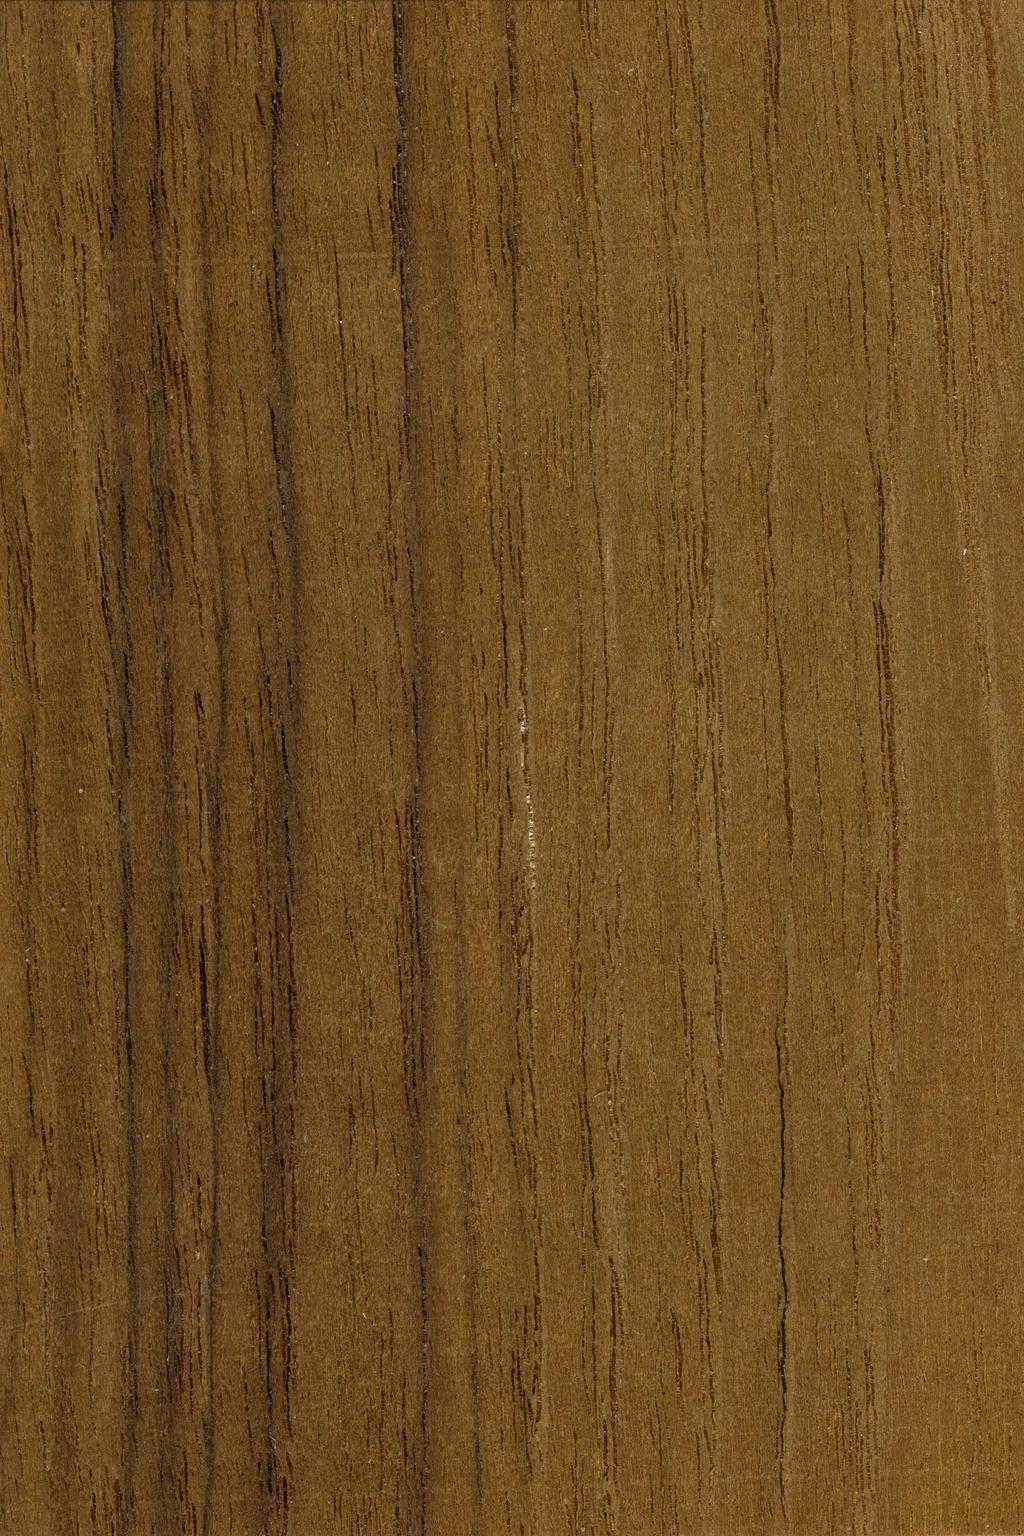 柚木木纹贴图素材模板下载(图片编号:12303616)